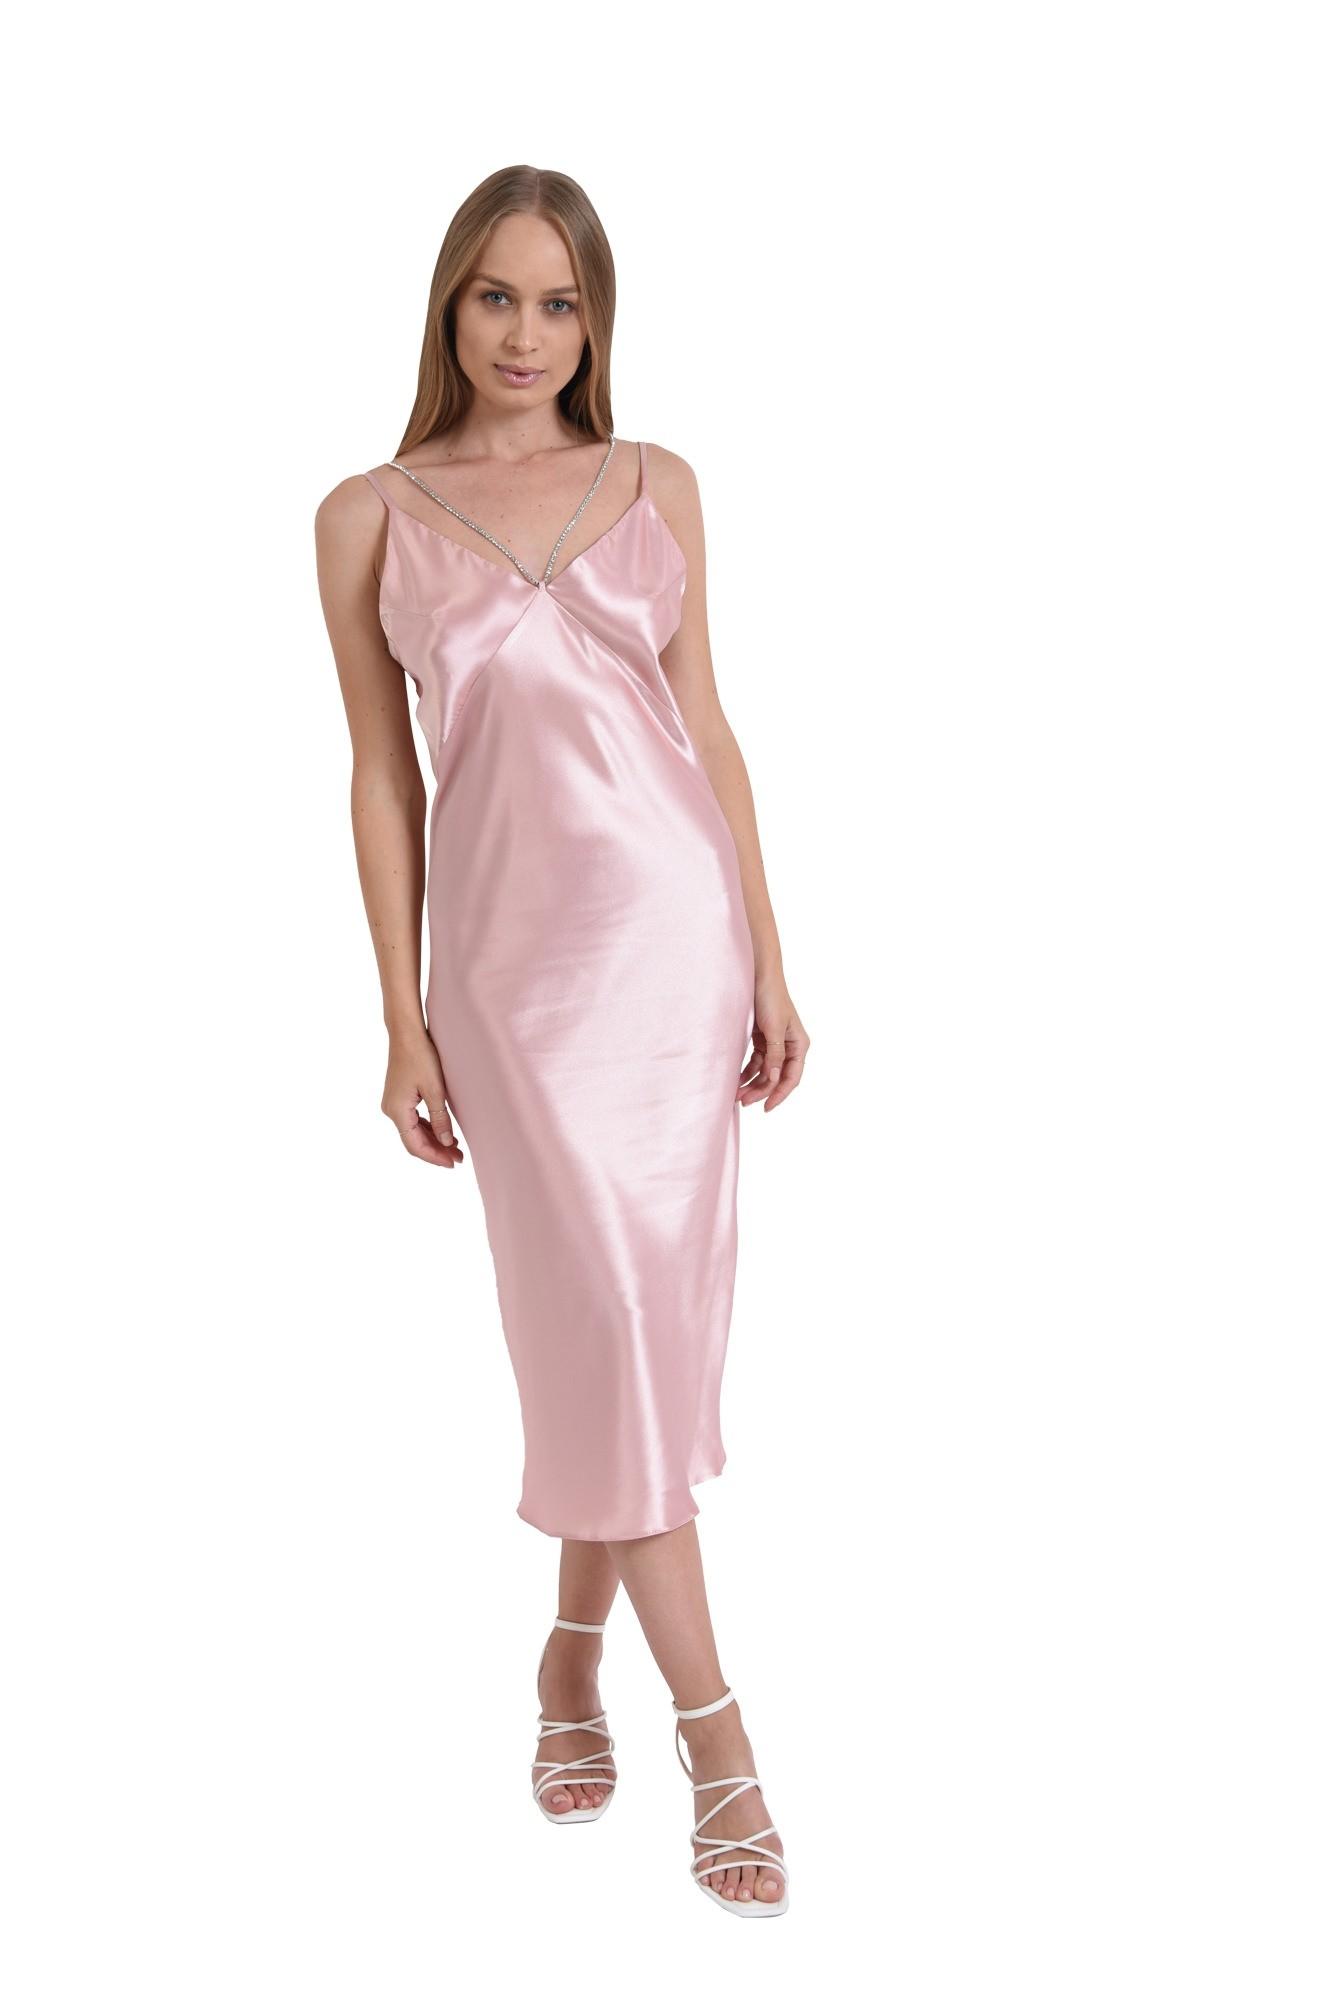 rochie midi, cu bretele, cu detaliu din strasuri